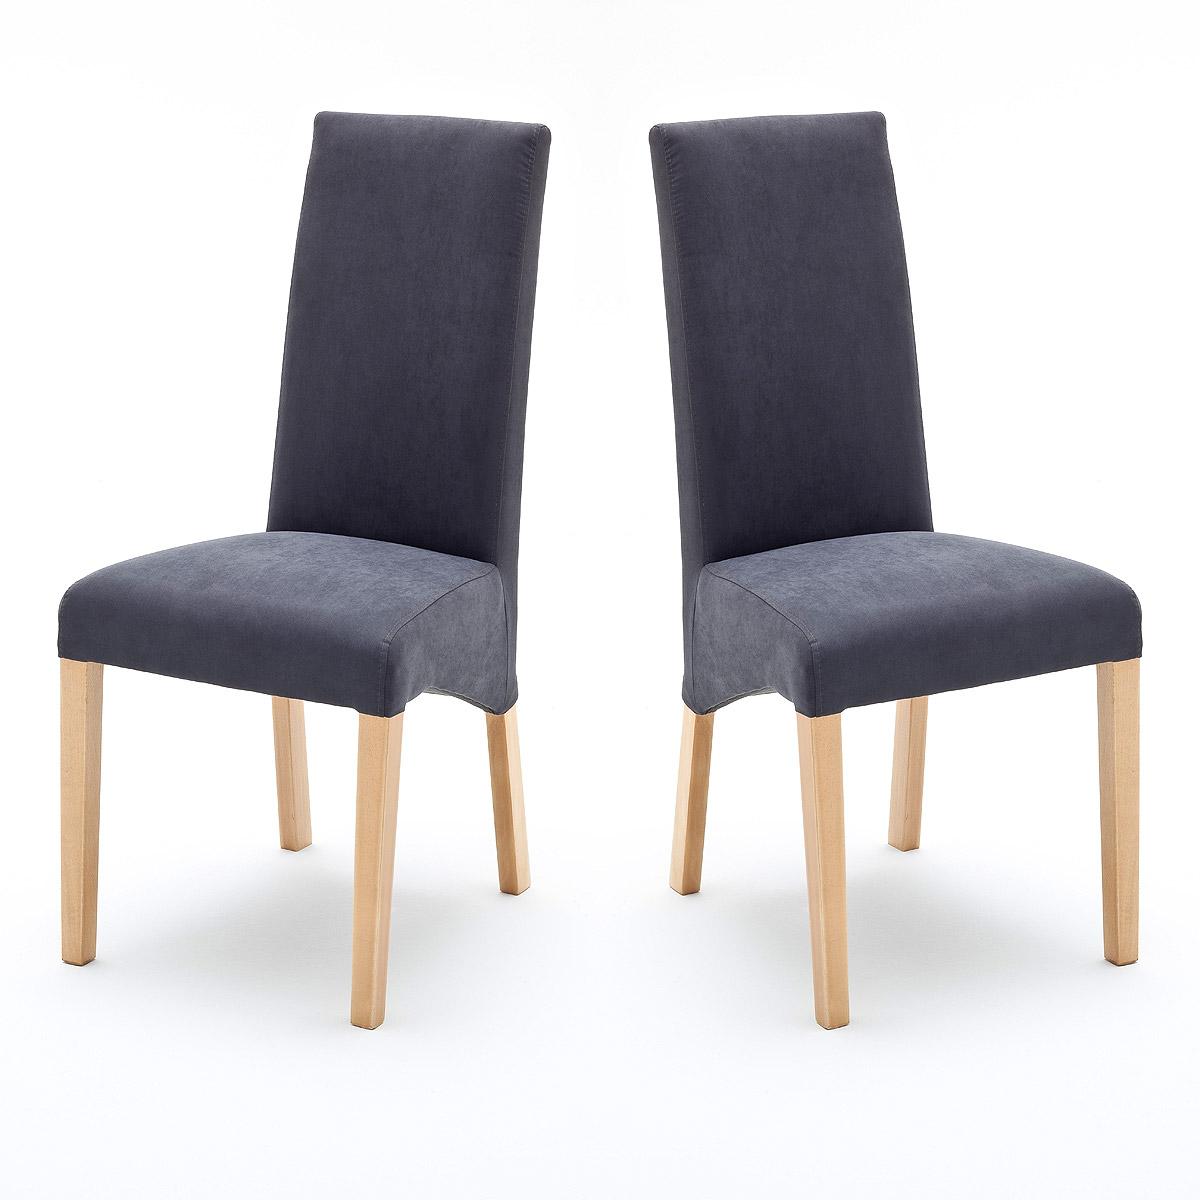 polsterstuhl esszimmer. Black Bedroom Furniture Sets. Home Design Ideas